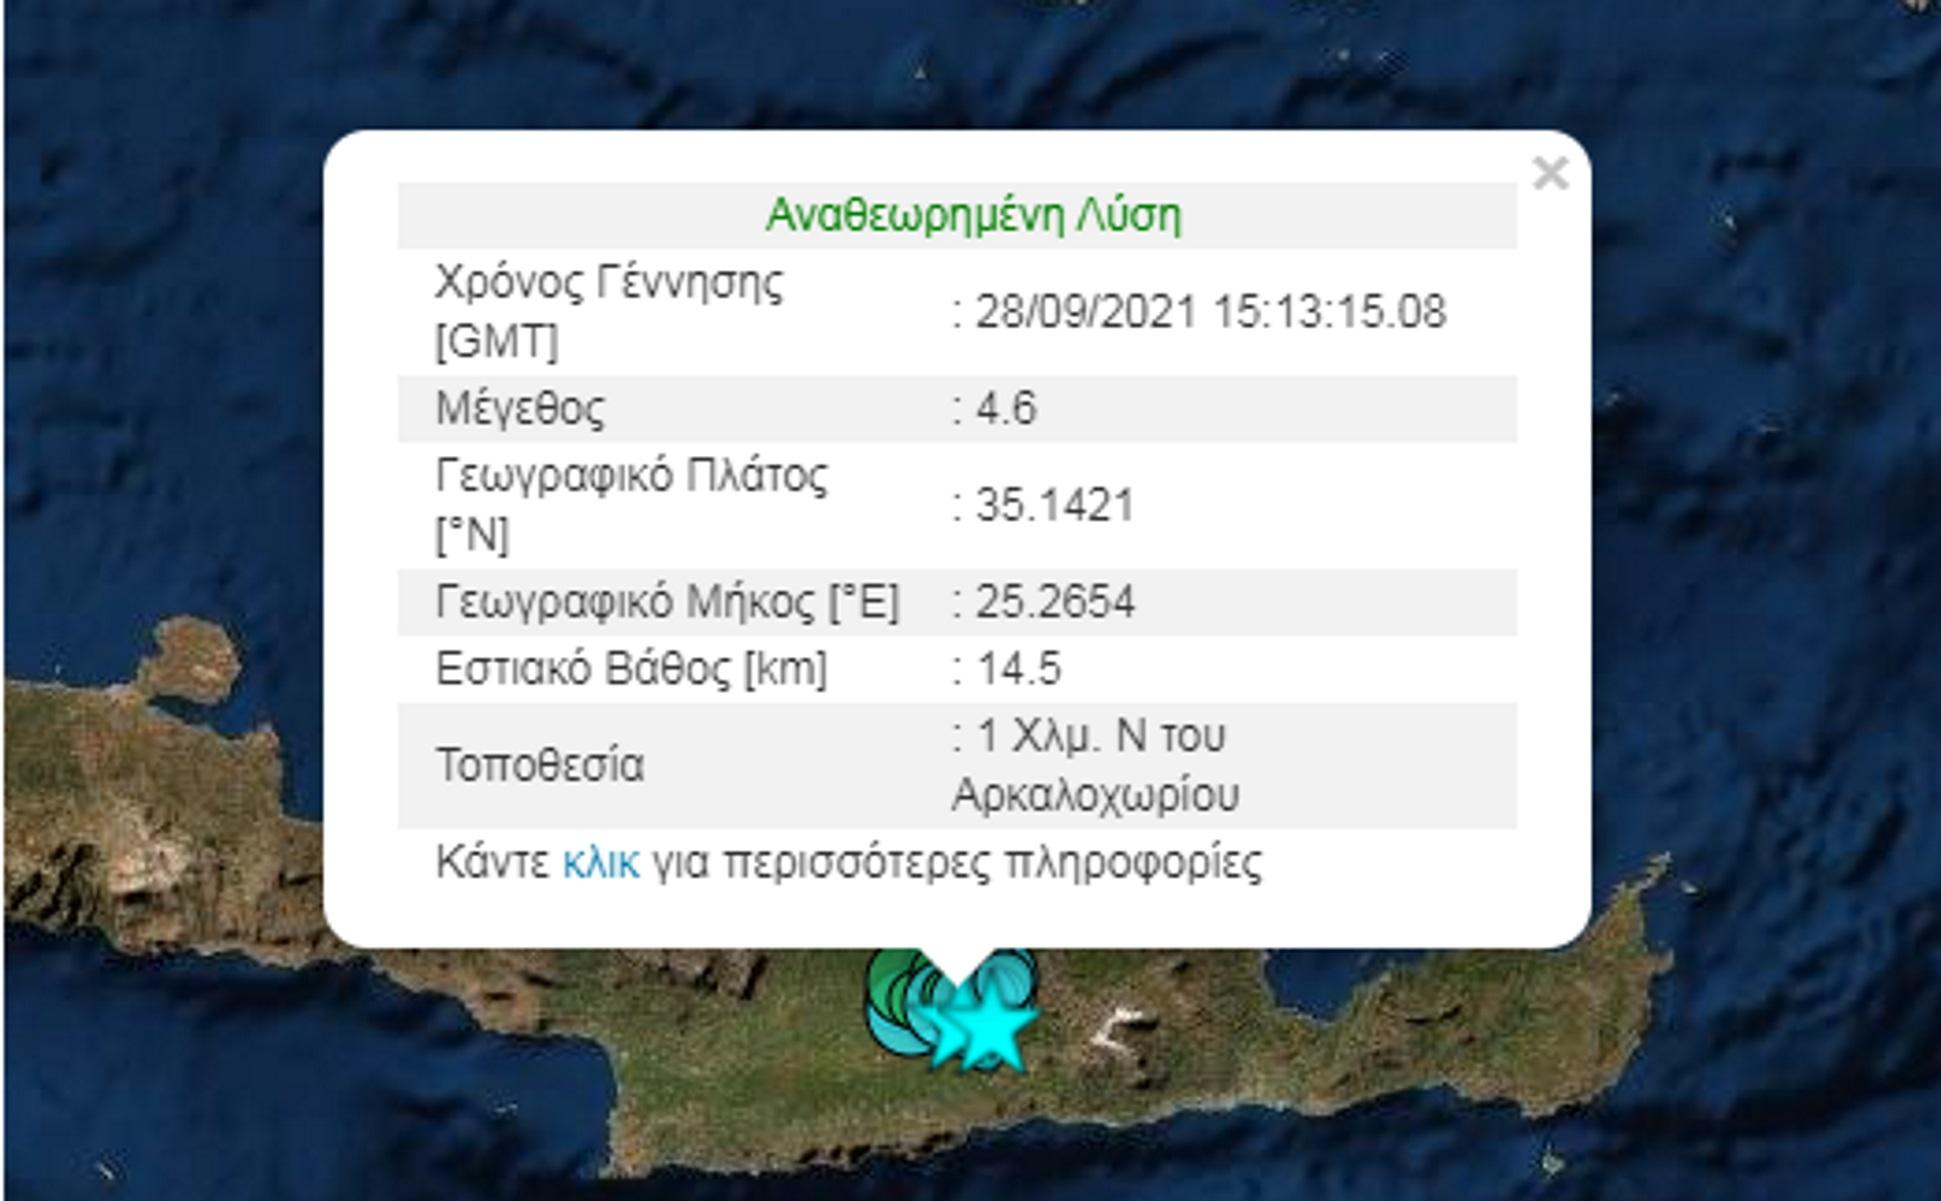 Σεισμός στο Αρκαλοχώρι – Νέο χτύπημα 4,6 ρίχτερ στην Κρήτη